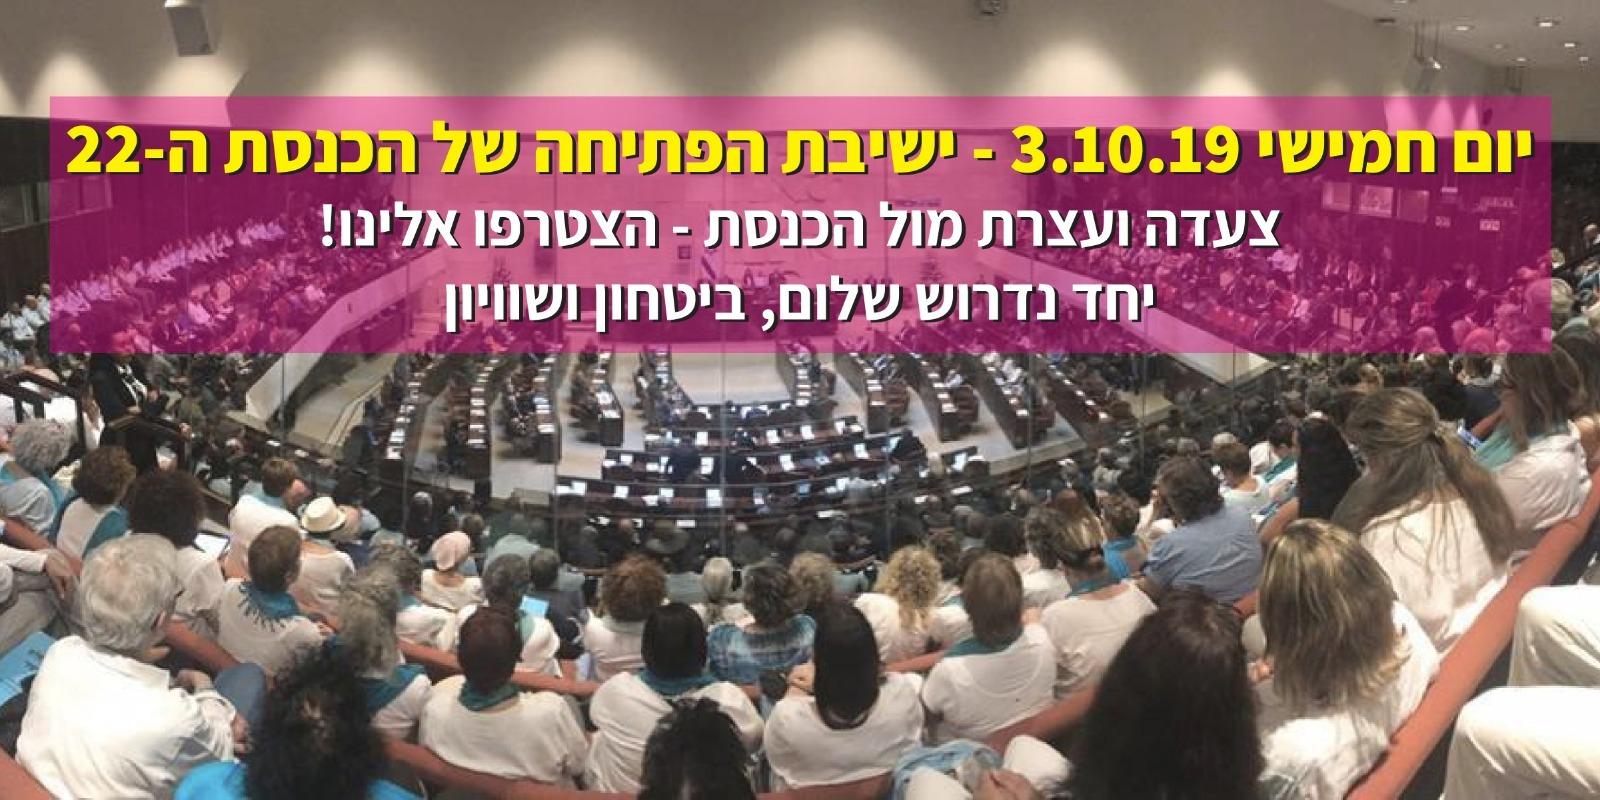 באנר מושב פתיחה של הכנסת